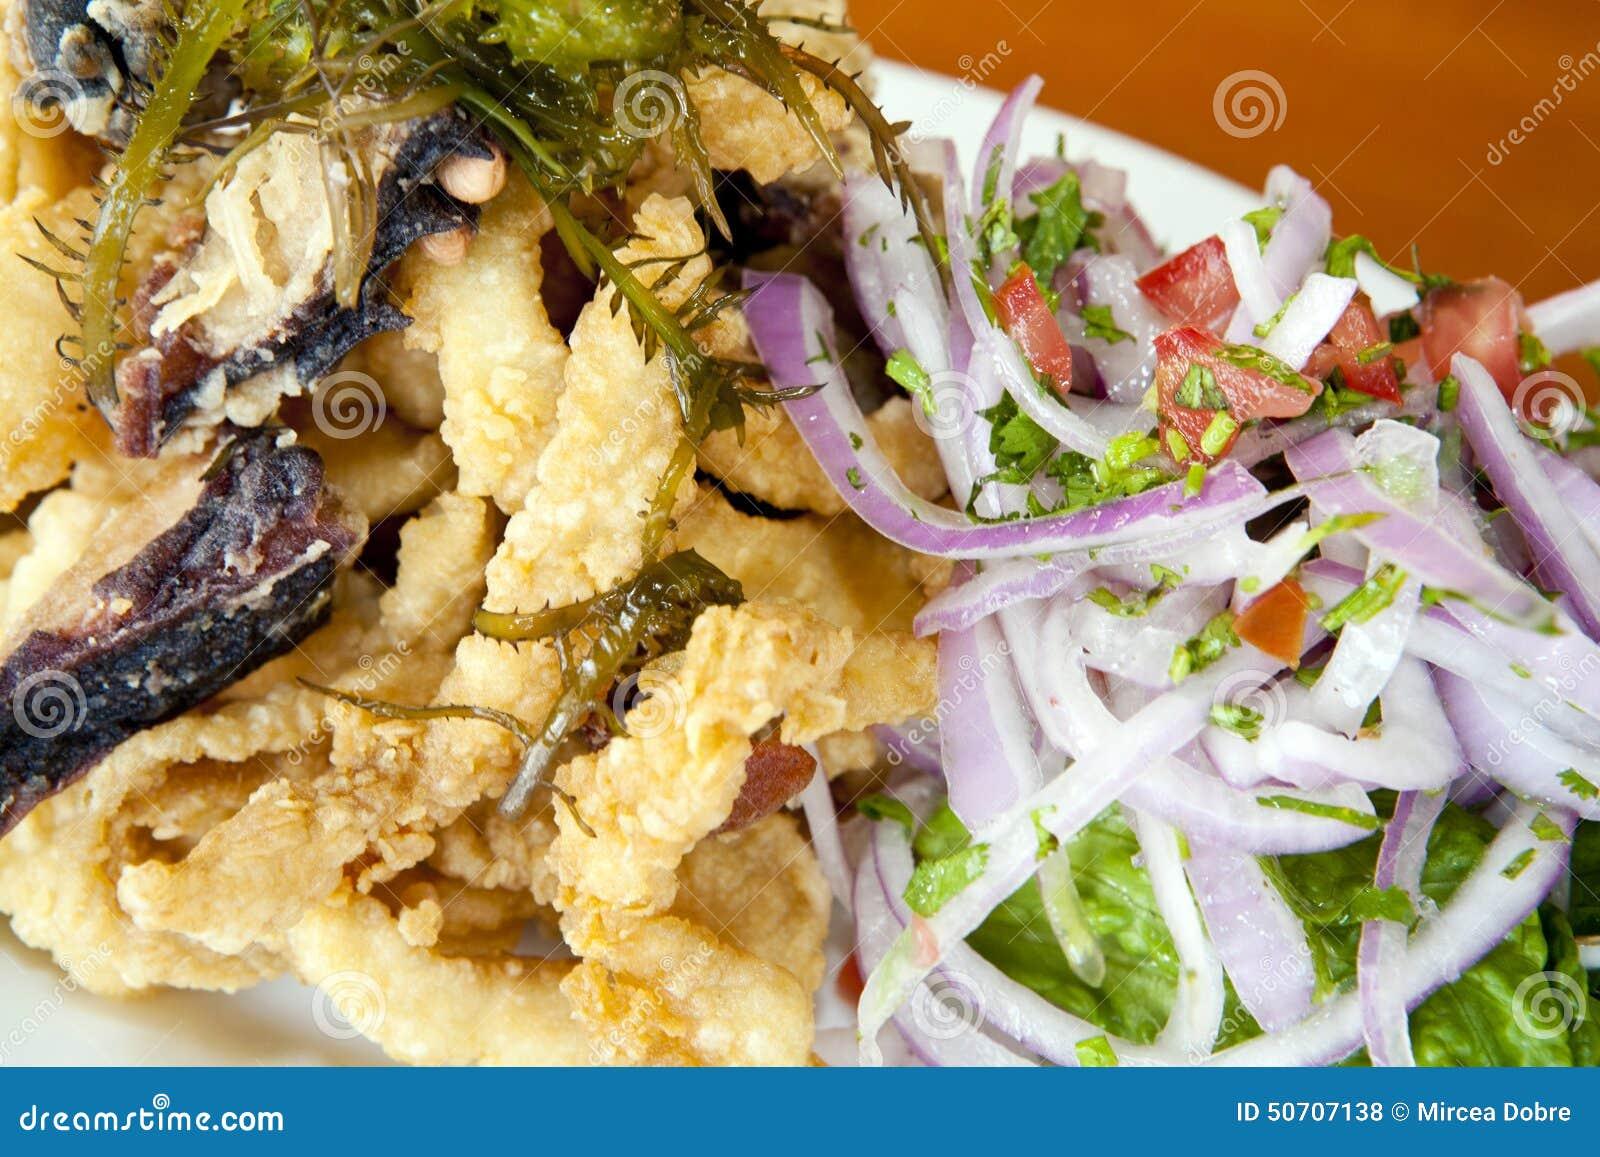 Peruanisches Lebensmittel: gebratene Fische (chicharron) kombiniert mit Meeresfrüchten